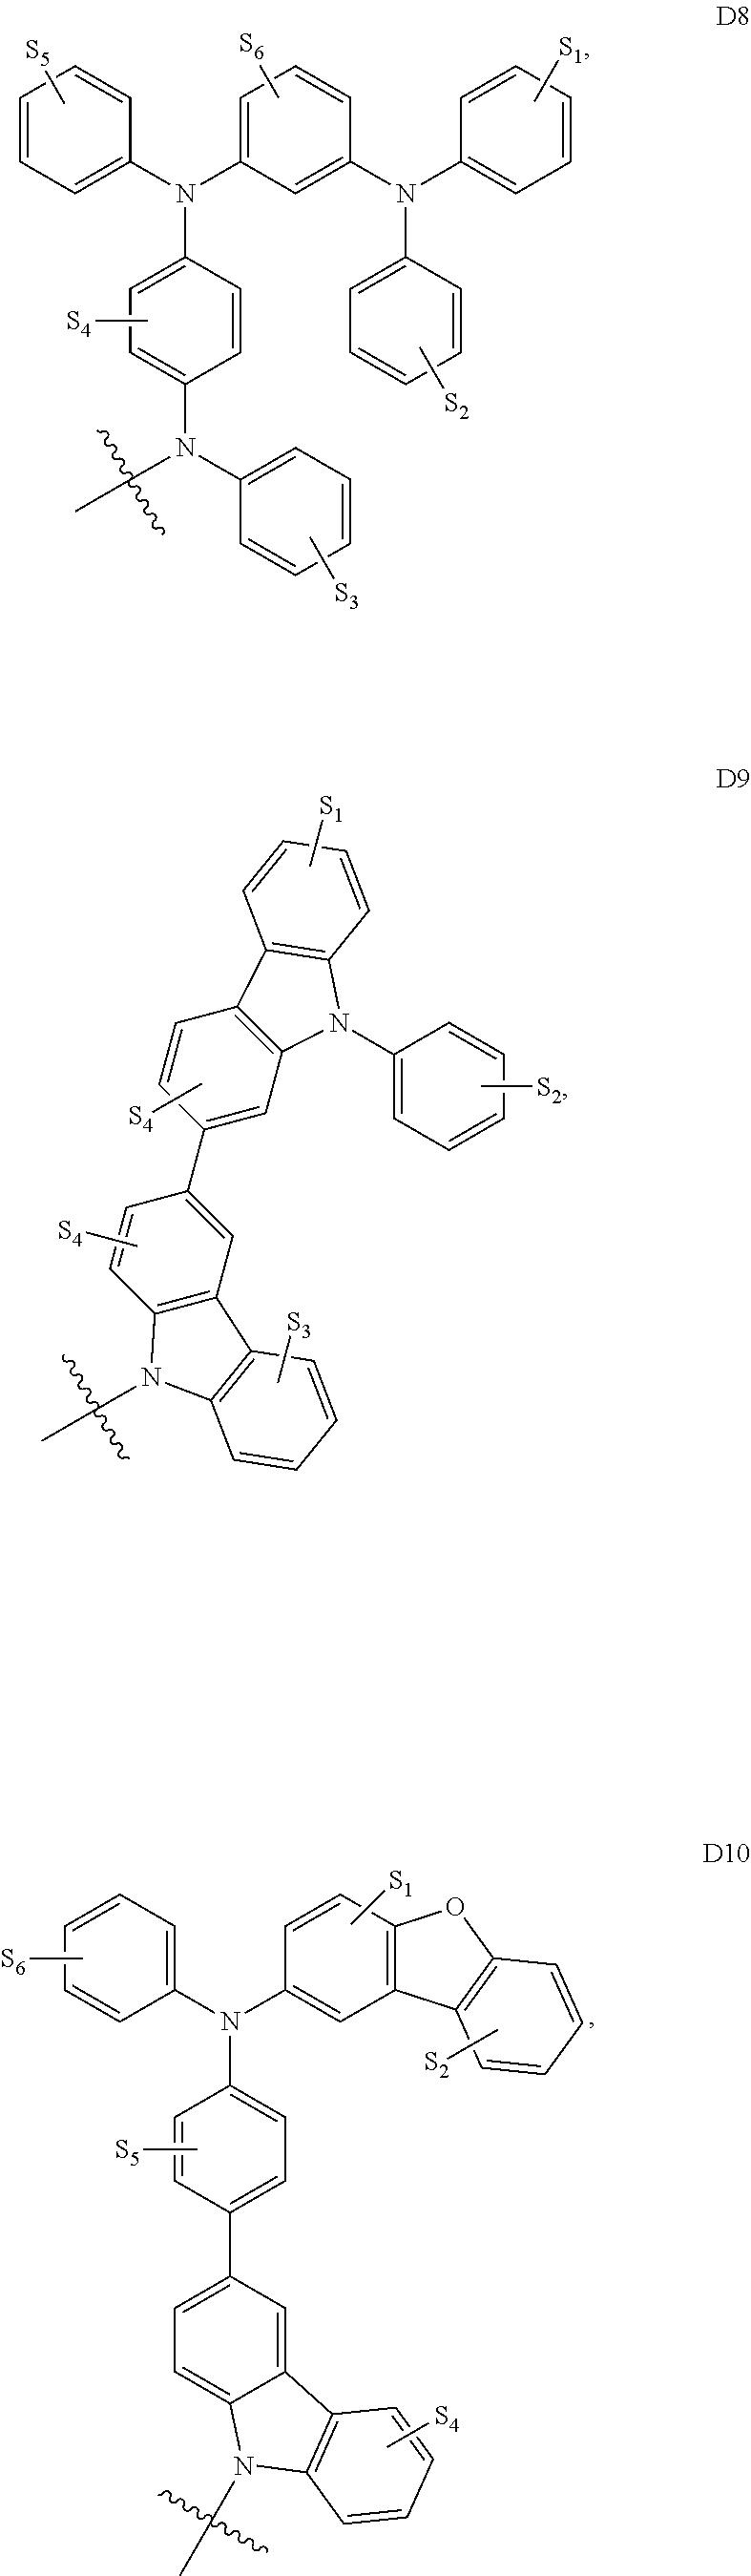 Figure US09324949-20160426-C00048